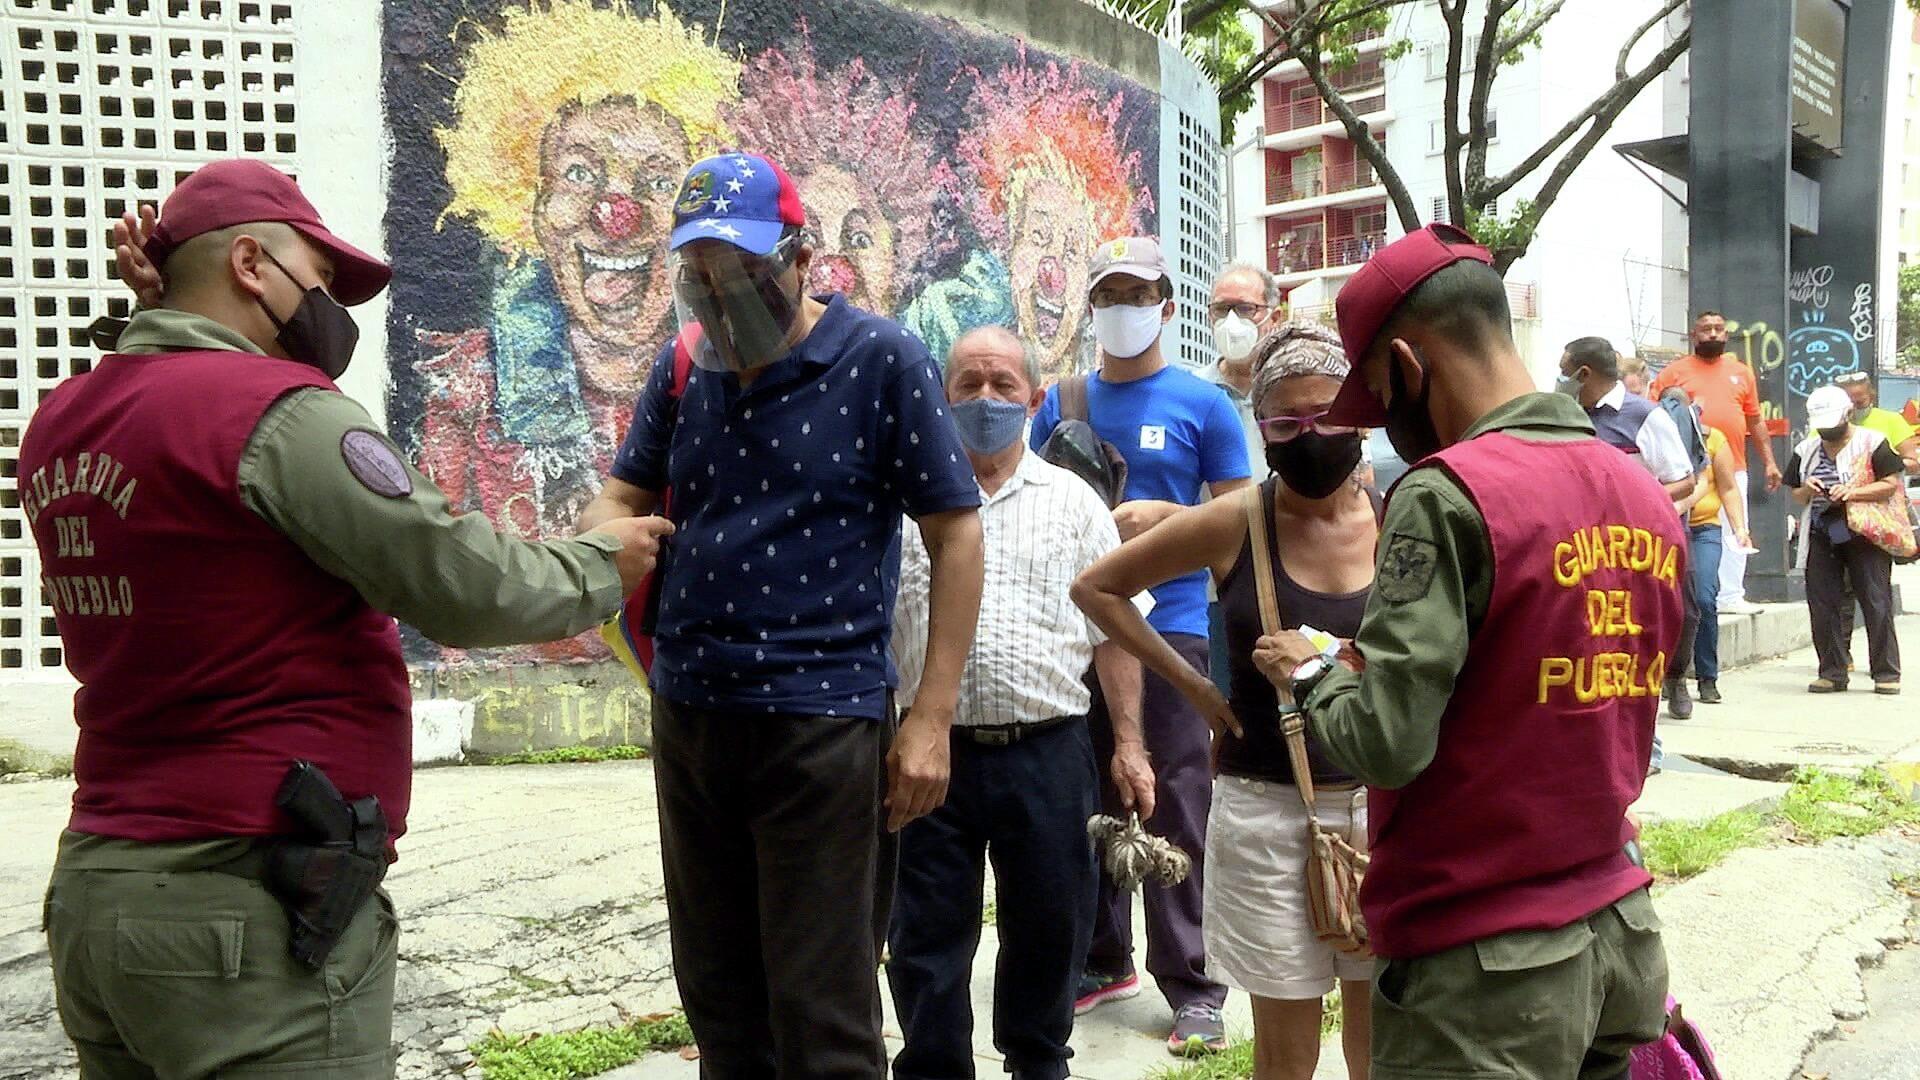 Nueva fase de vacunación en Venezuela con prioridad para las adultas y adultos mayores de 60 años - Sputnik Mundo, 1920, 01.09.2021